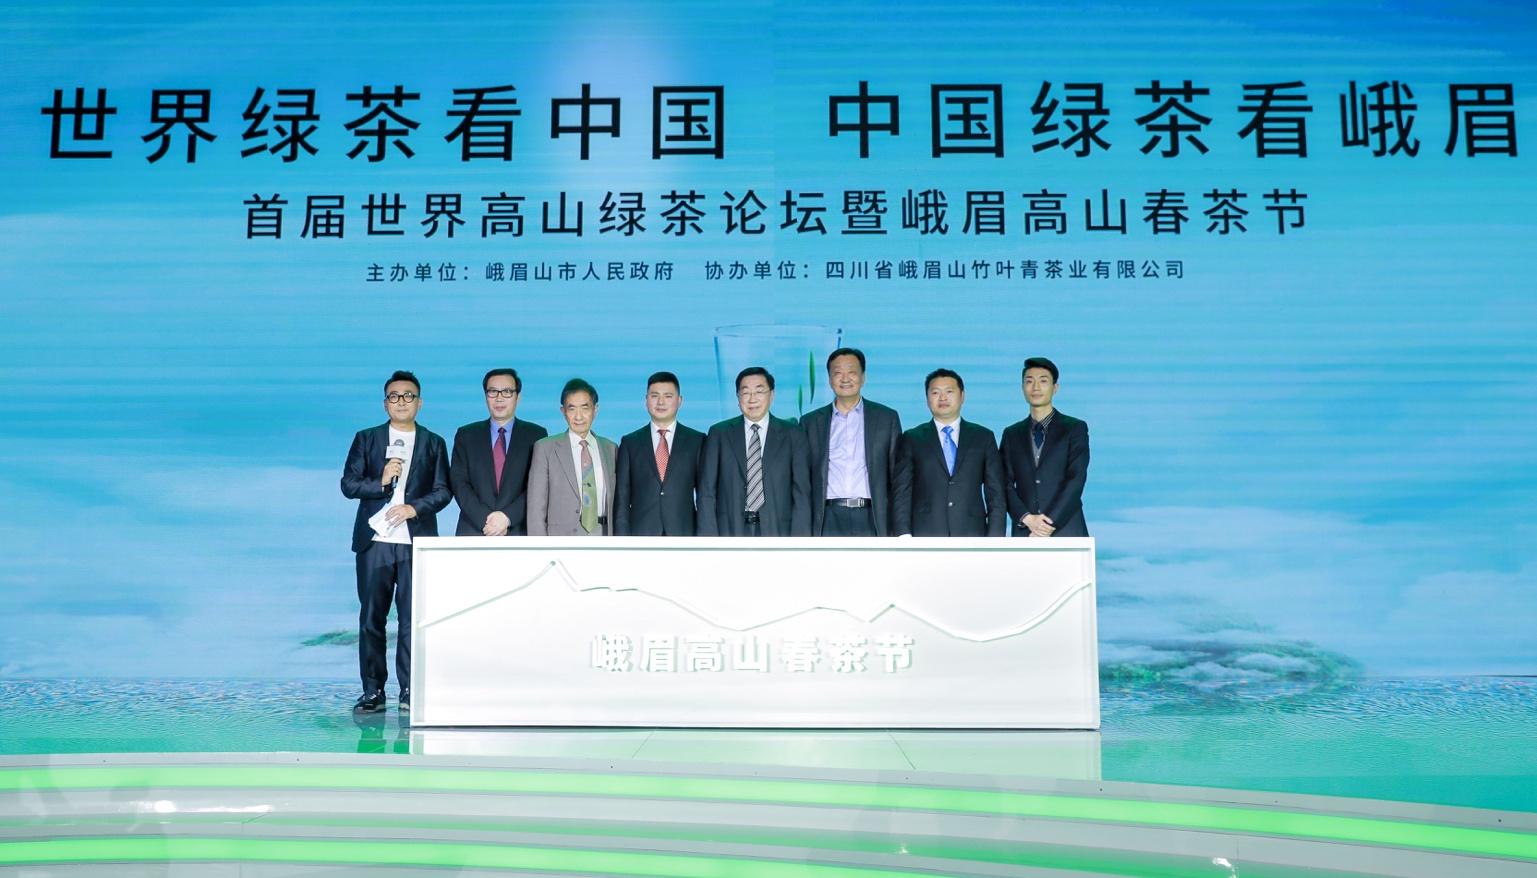 世界首届高山绿茶论坛:中国绿茶看峨眉